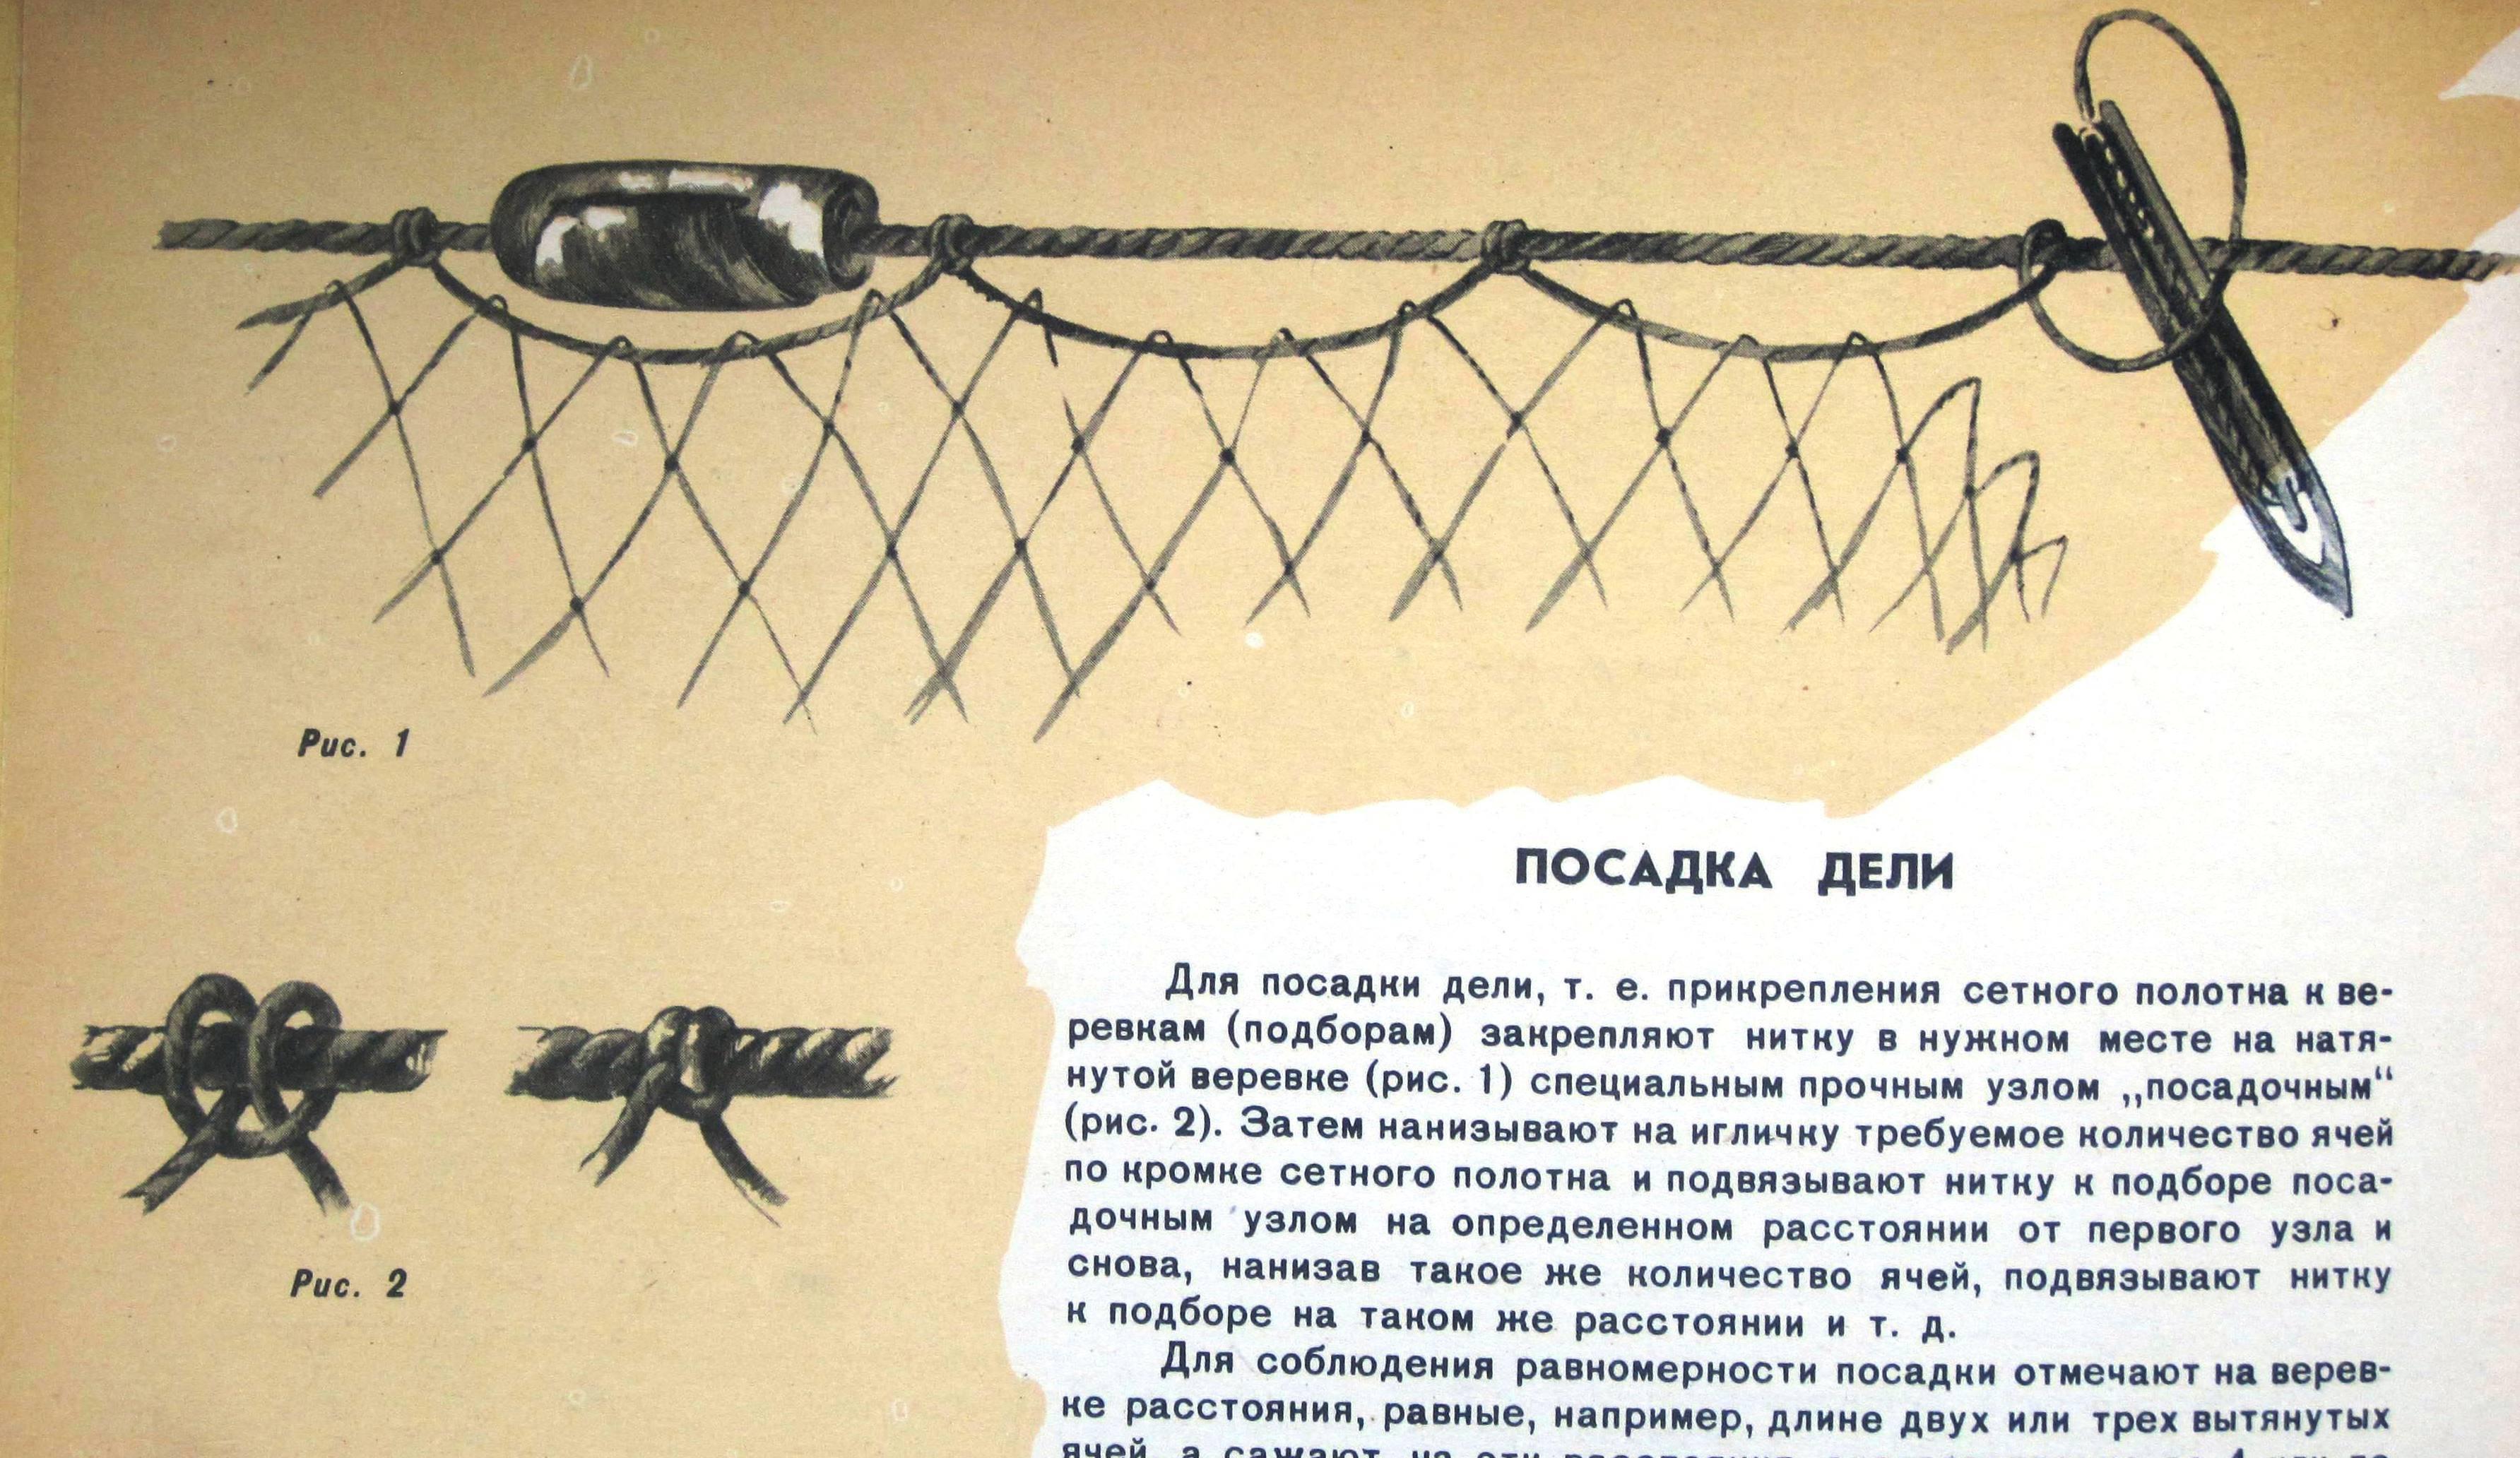 Пошаговая инструкция о том, как вязать рыболовные сети своими руками и с помощью станка